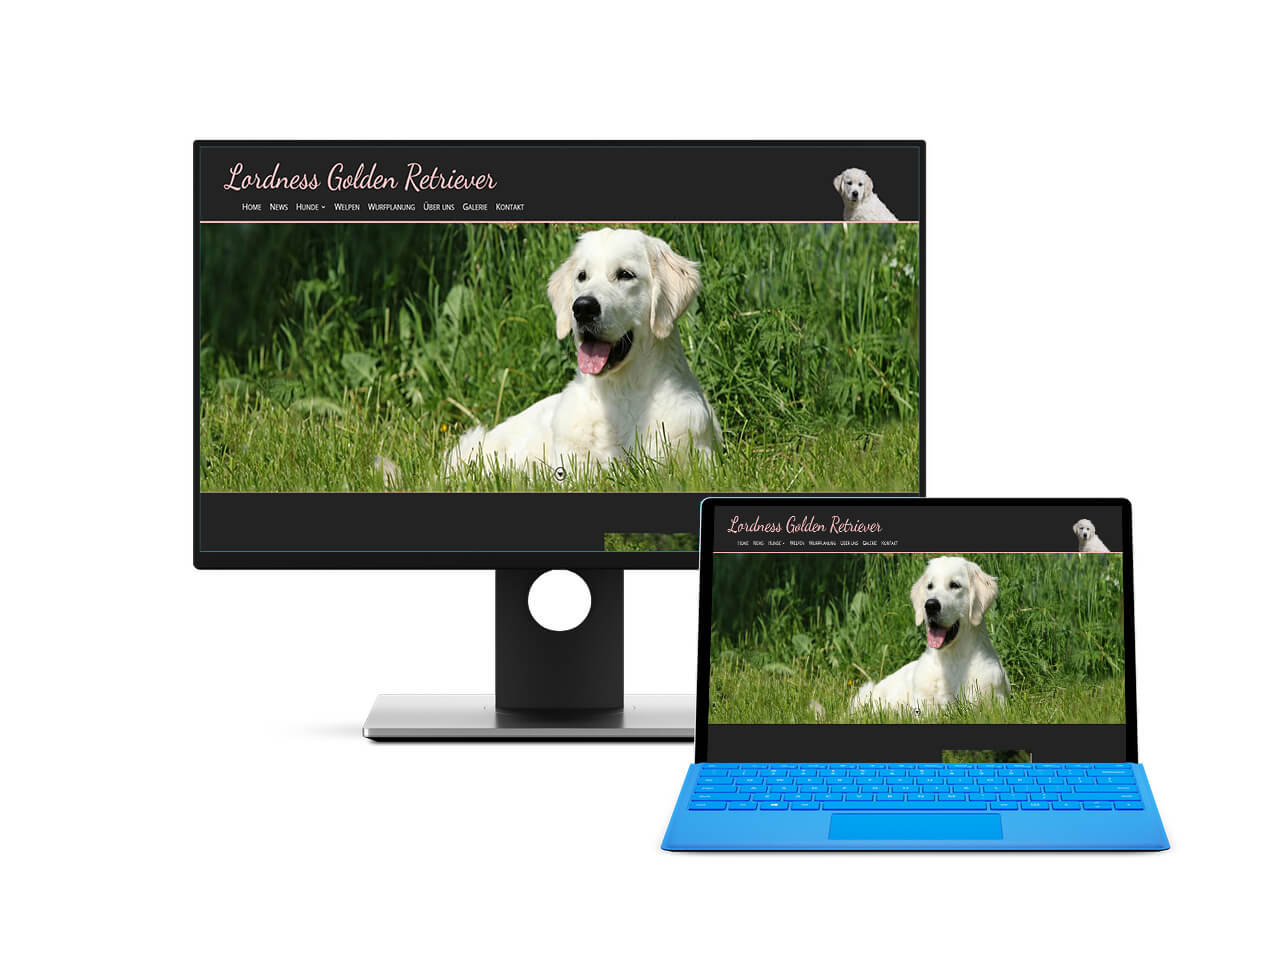 Webdesign Hechthausen -  Website für eine Hundezucht Darstellung der Seite auf einem Screenshot